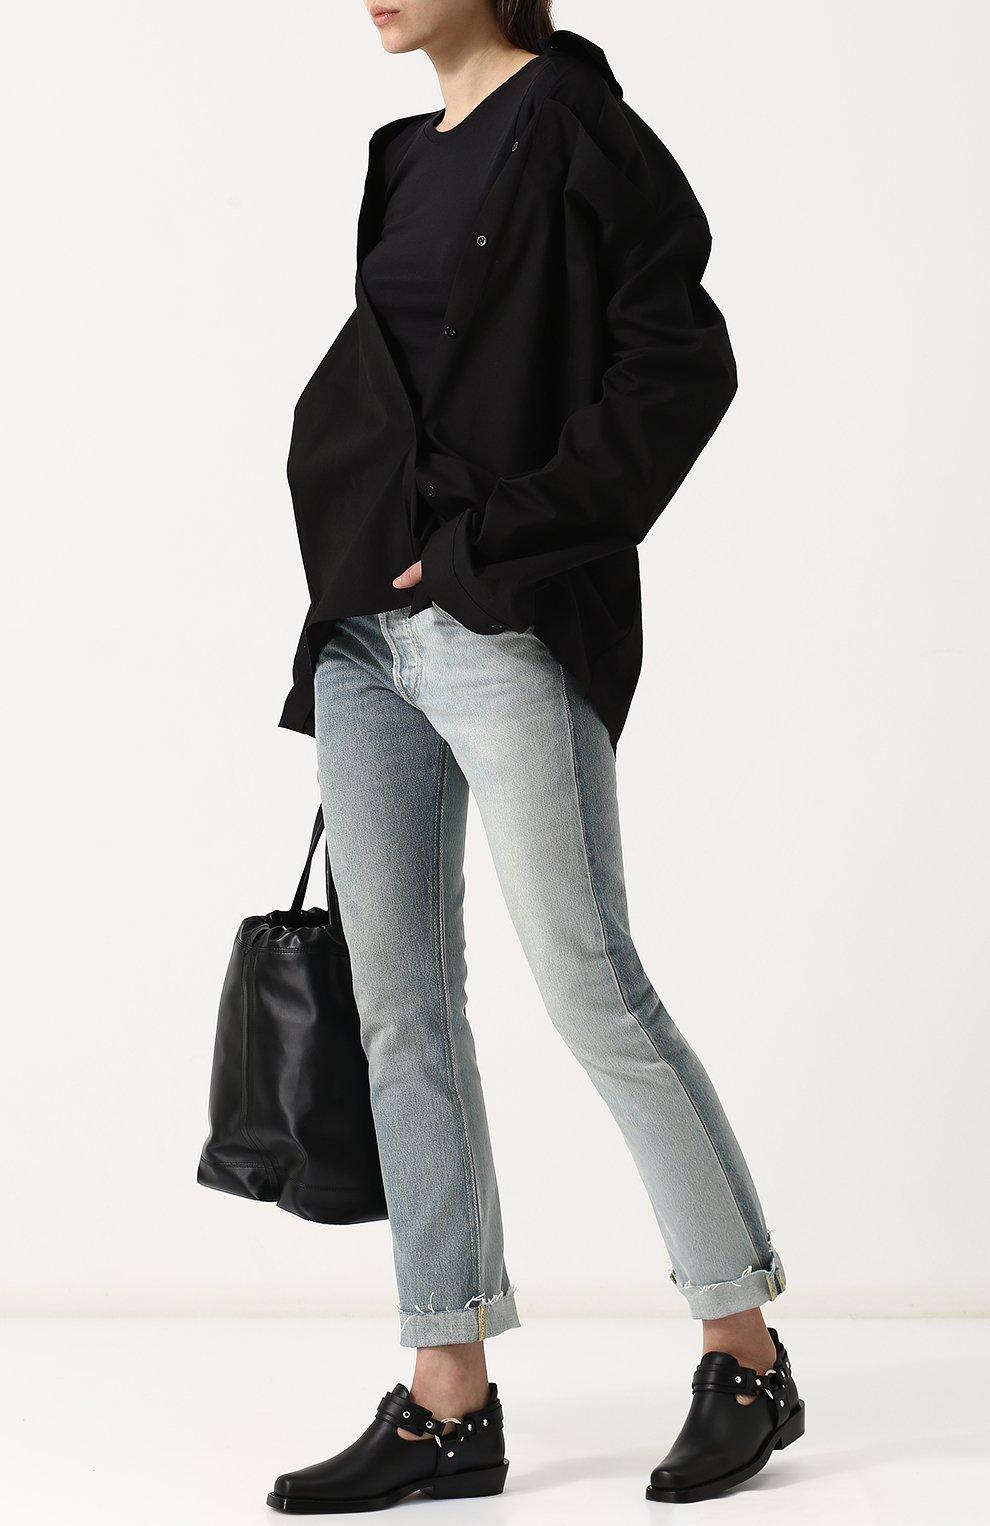 Женские кожаные ботинки с ремешками PACO RABANNE черного цвета, арт. 18PM0T0L03CAAFL   Фото 2 (Каблук высота: Низкий; Статус проверки: Проверено; Подошва: Плоская)